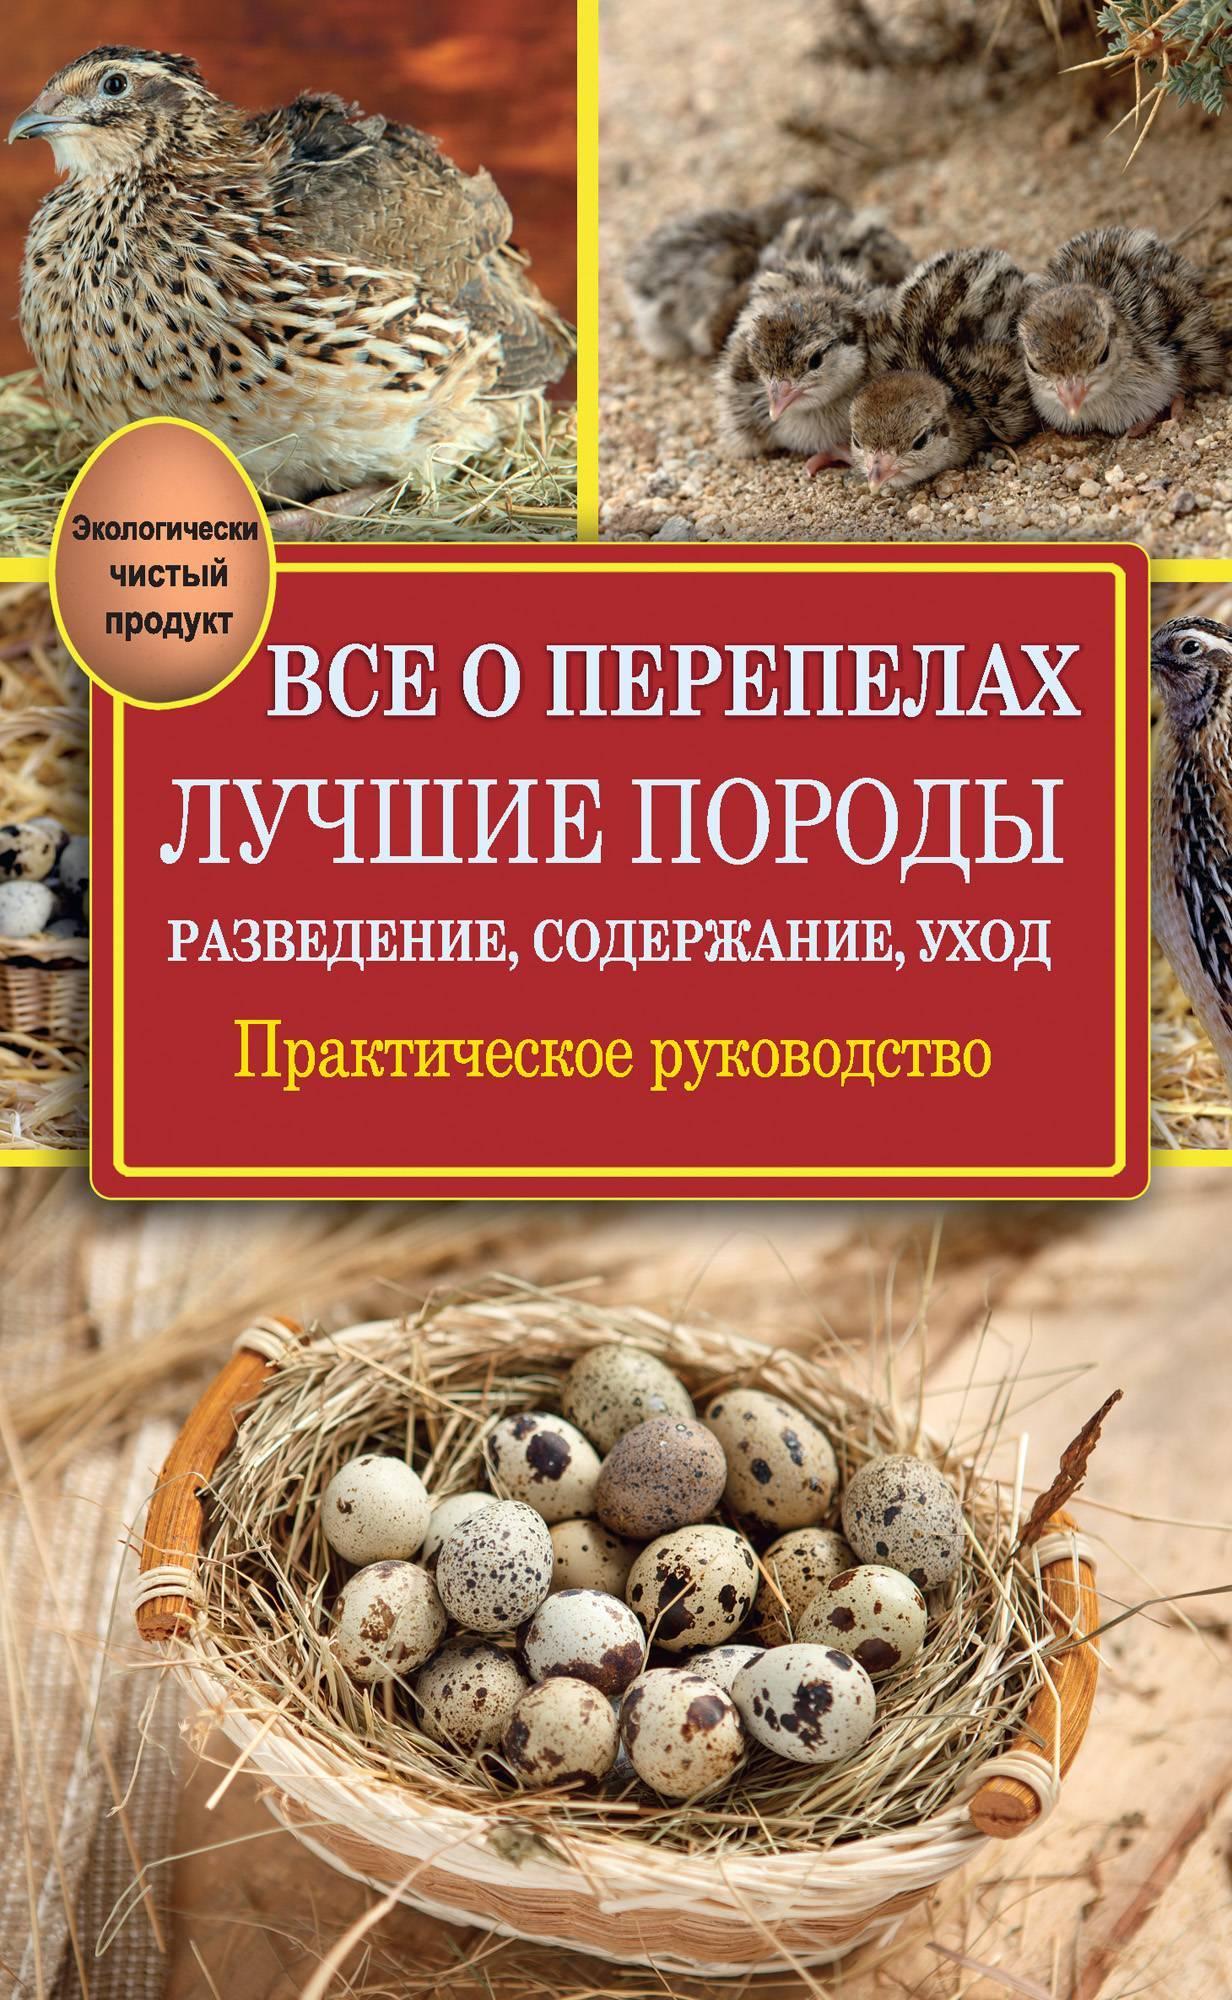 Маньчжурская порода перепелов: фото и описание